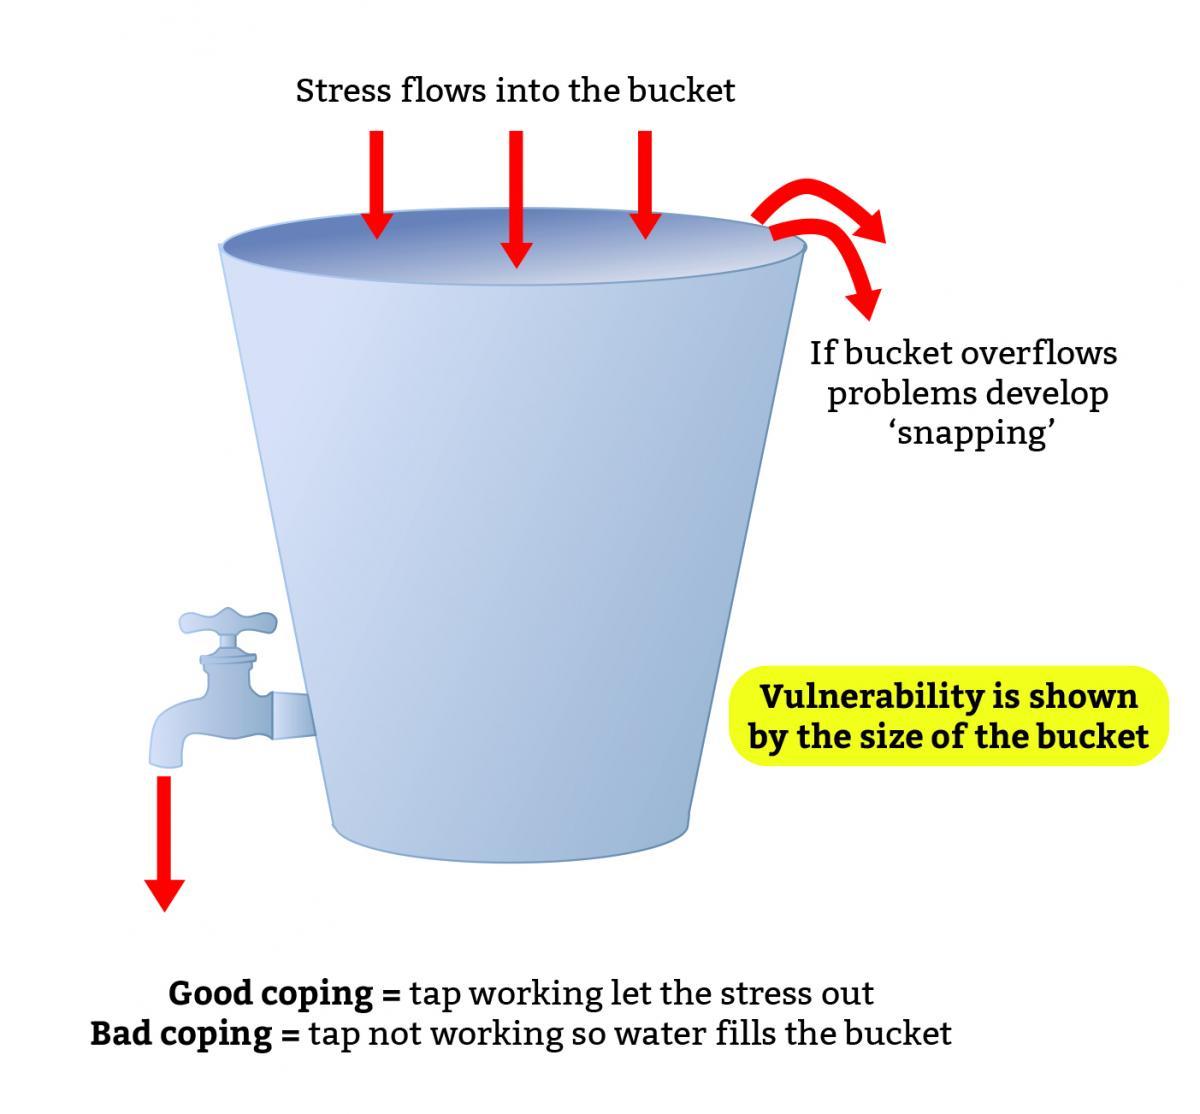 Stressi kuormittavuusmallia kuvaava ämpärimalli.